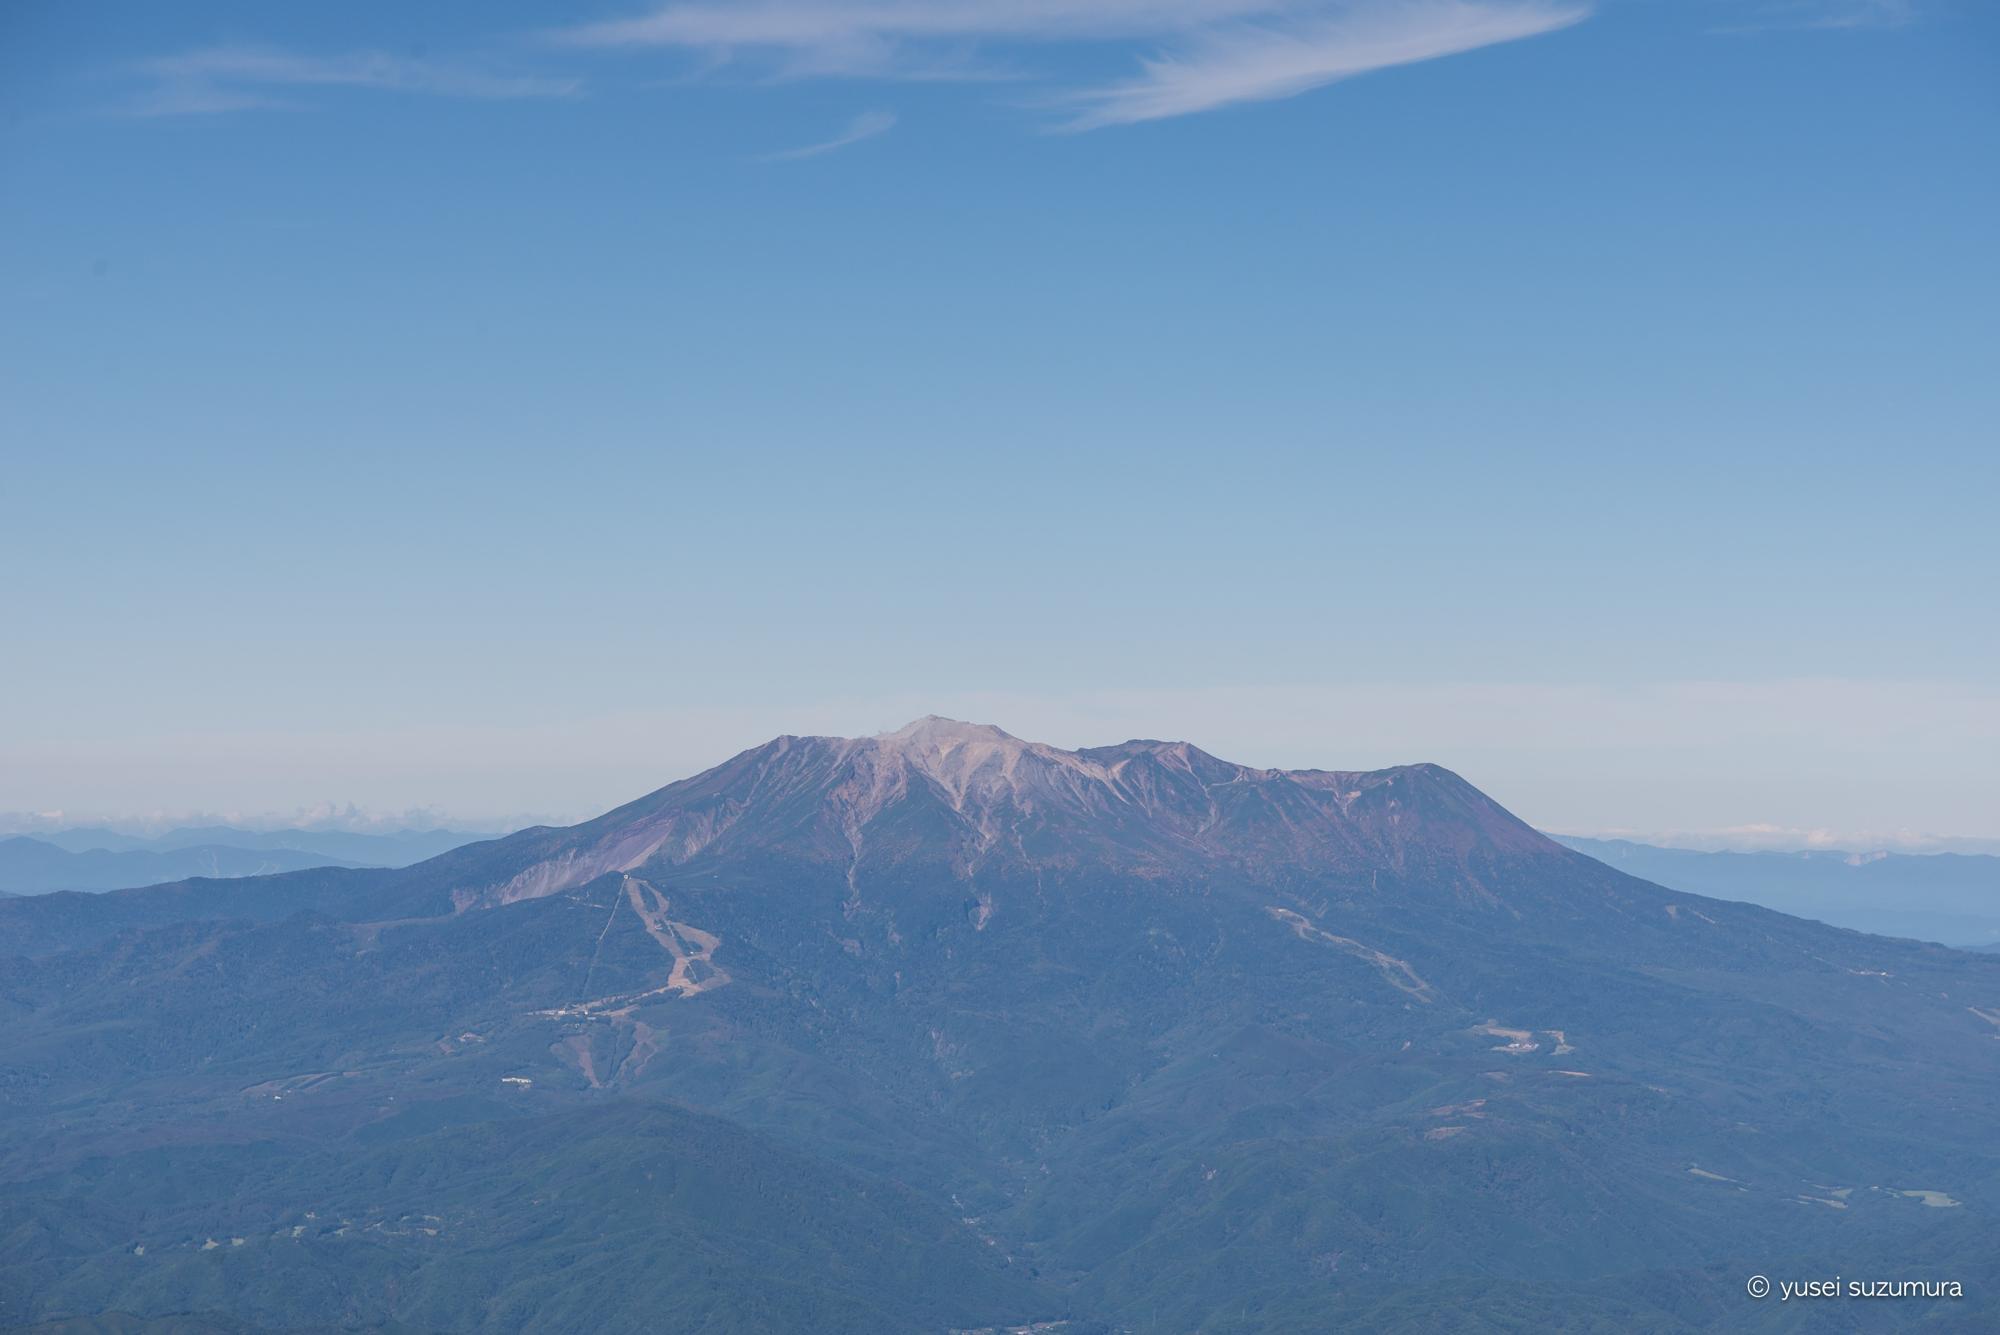 木曽駒ヶ岳から見る御岳山